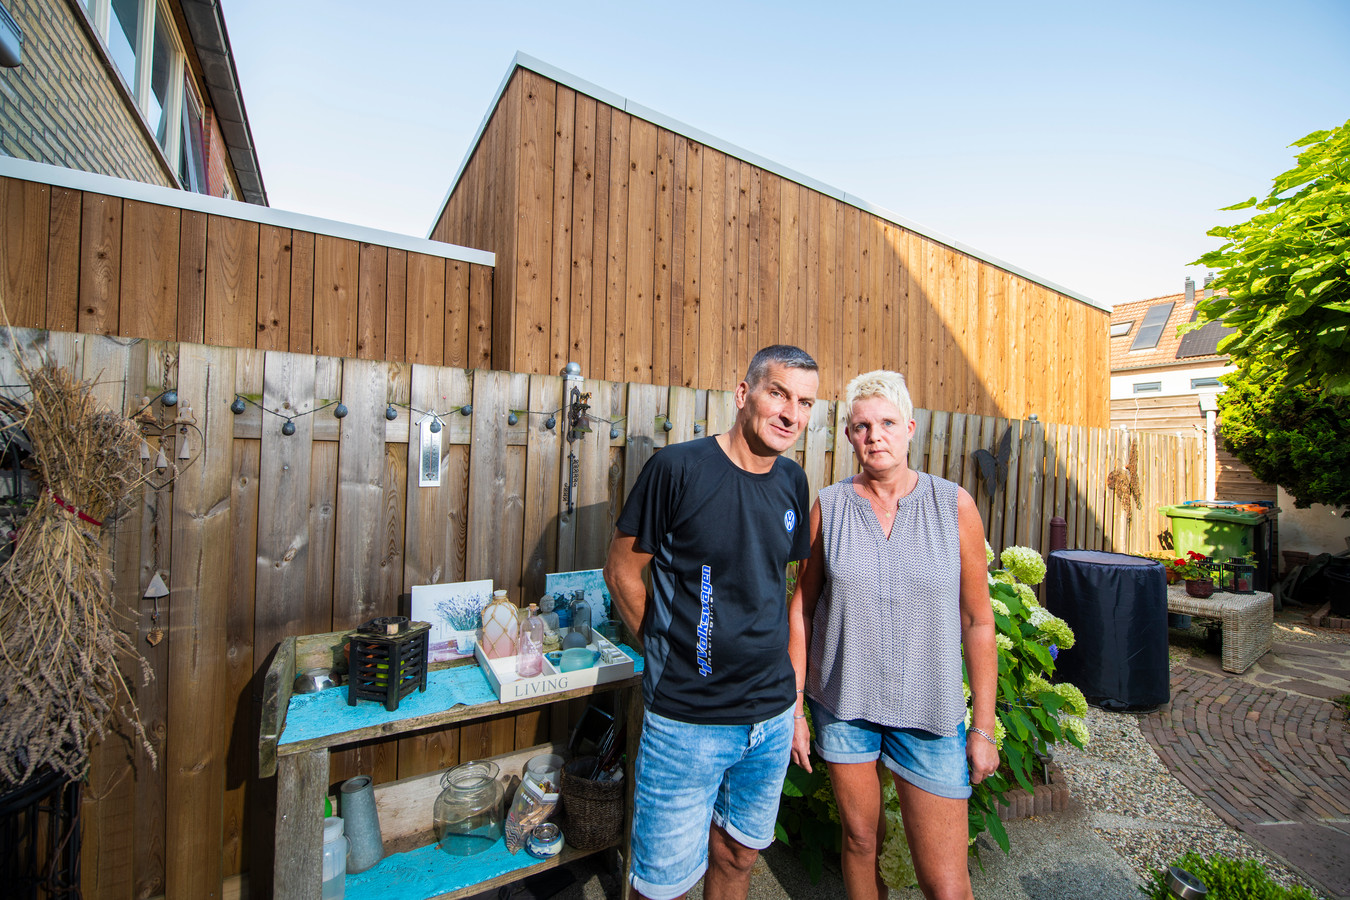 Meindert en Trudy de Haas voor de houten wand waar ze sinds vorige week tegenaan kijken.